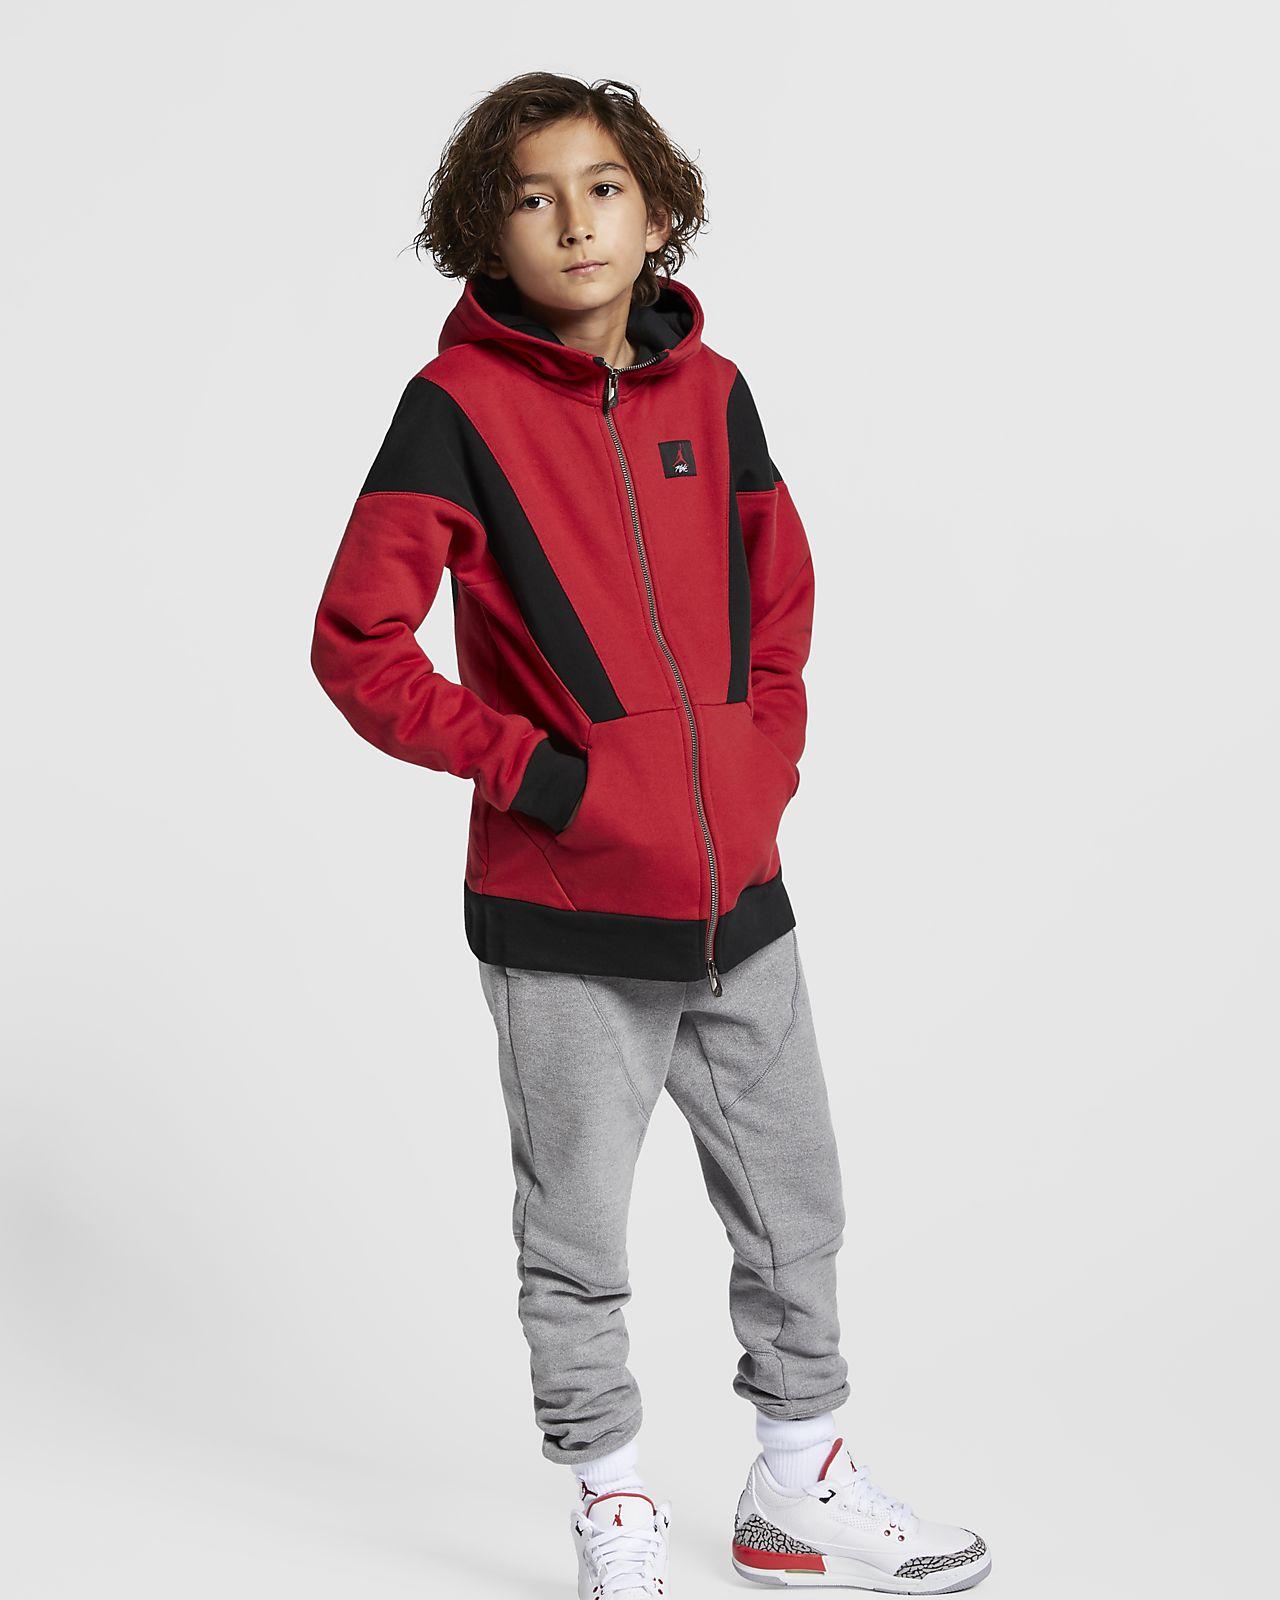 tania wyprzedaż usa Nowa kolekcja spotykać się Rozpinana bluza z kapturem dla dużych dzieci (chłopców) Jordan Flight Lite